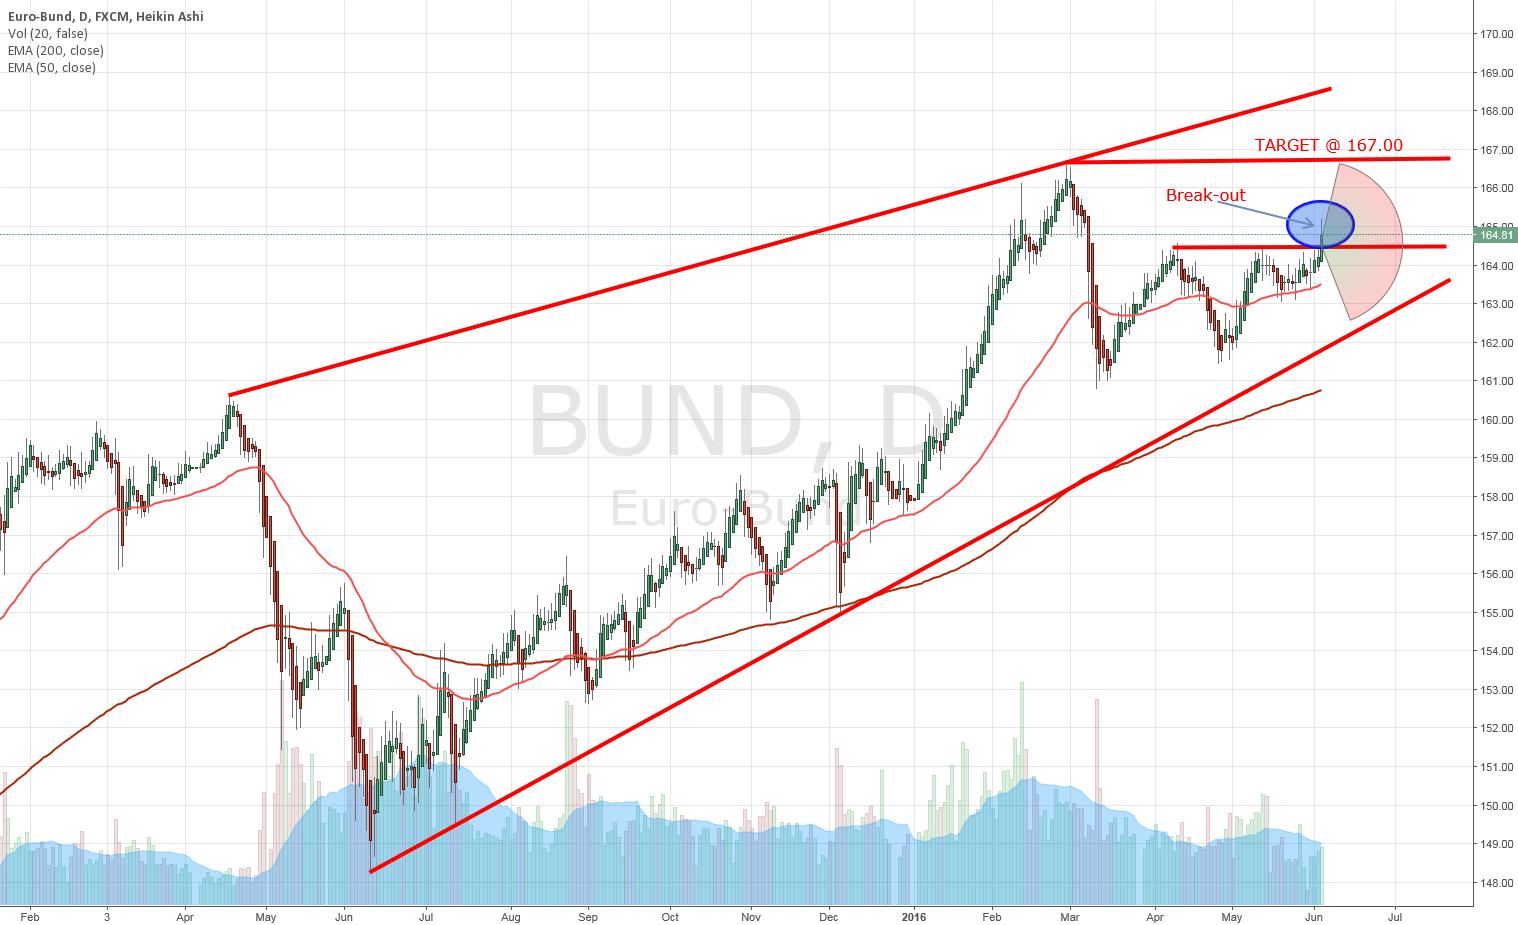 BUND (BUND)